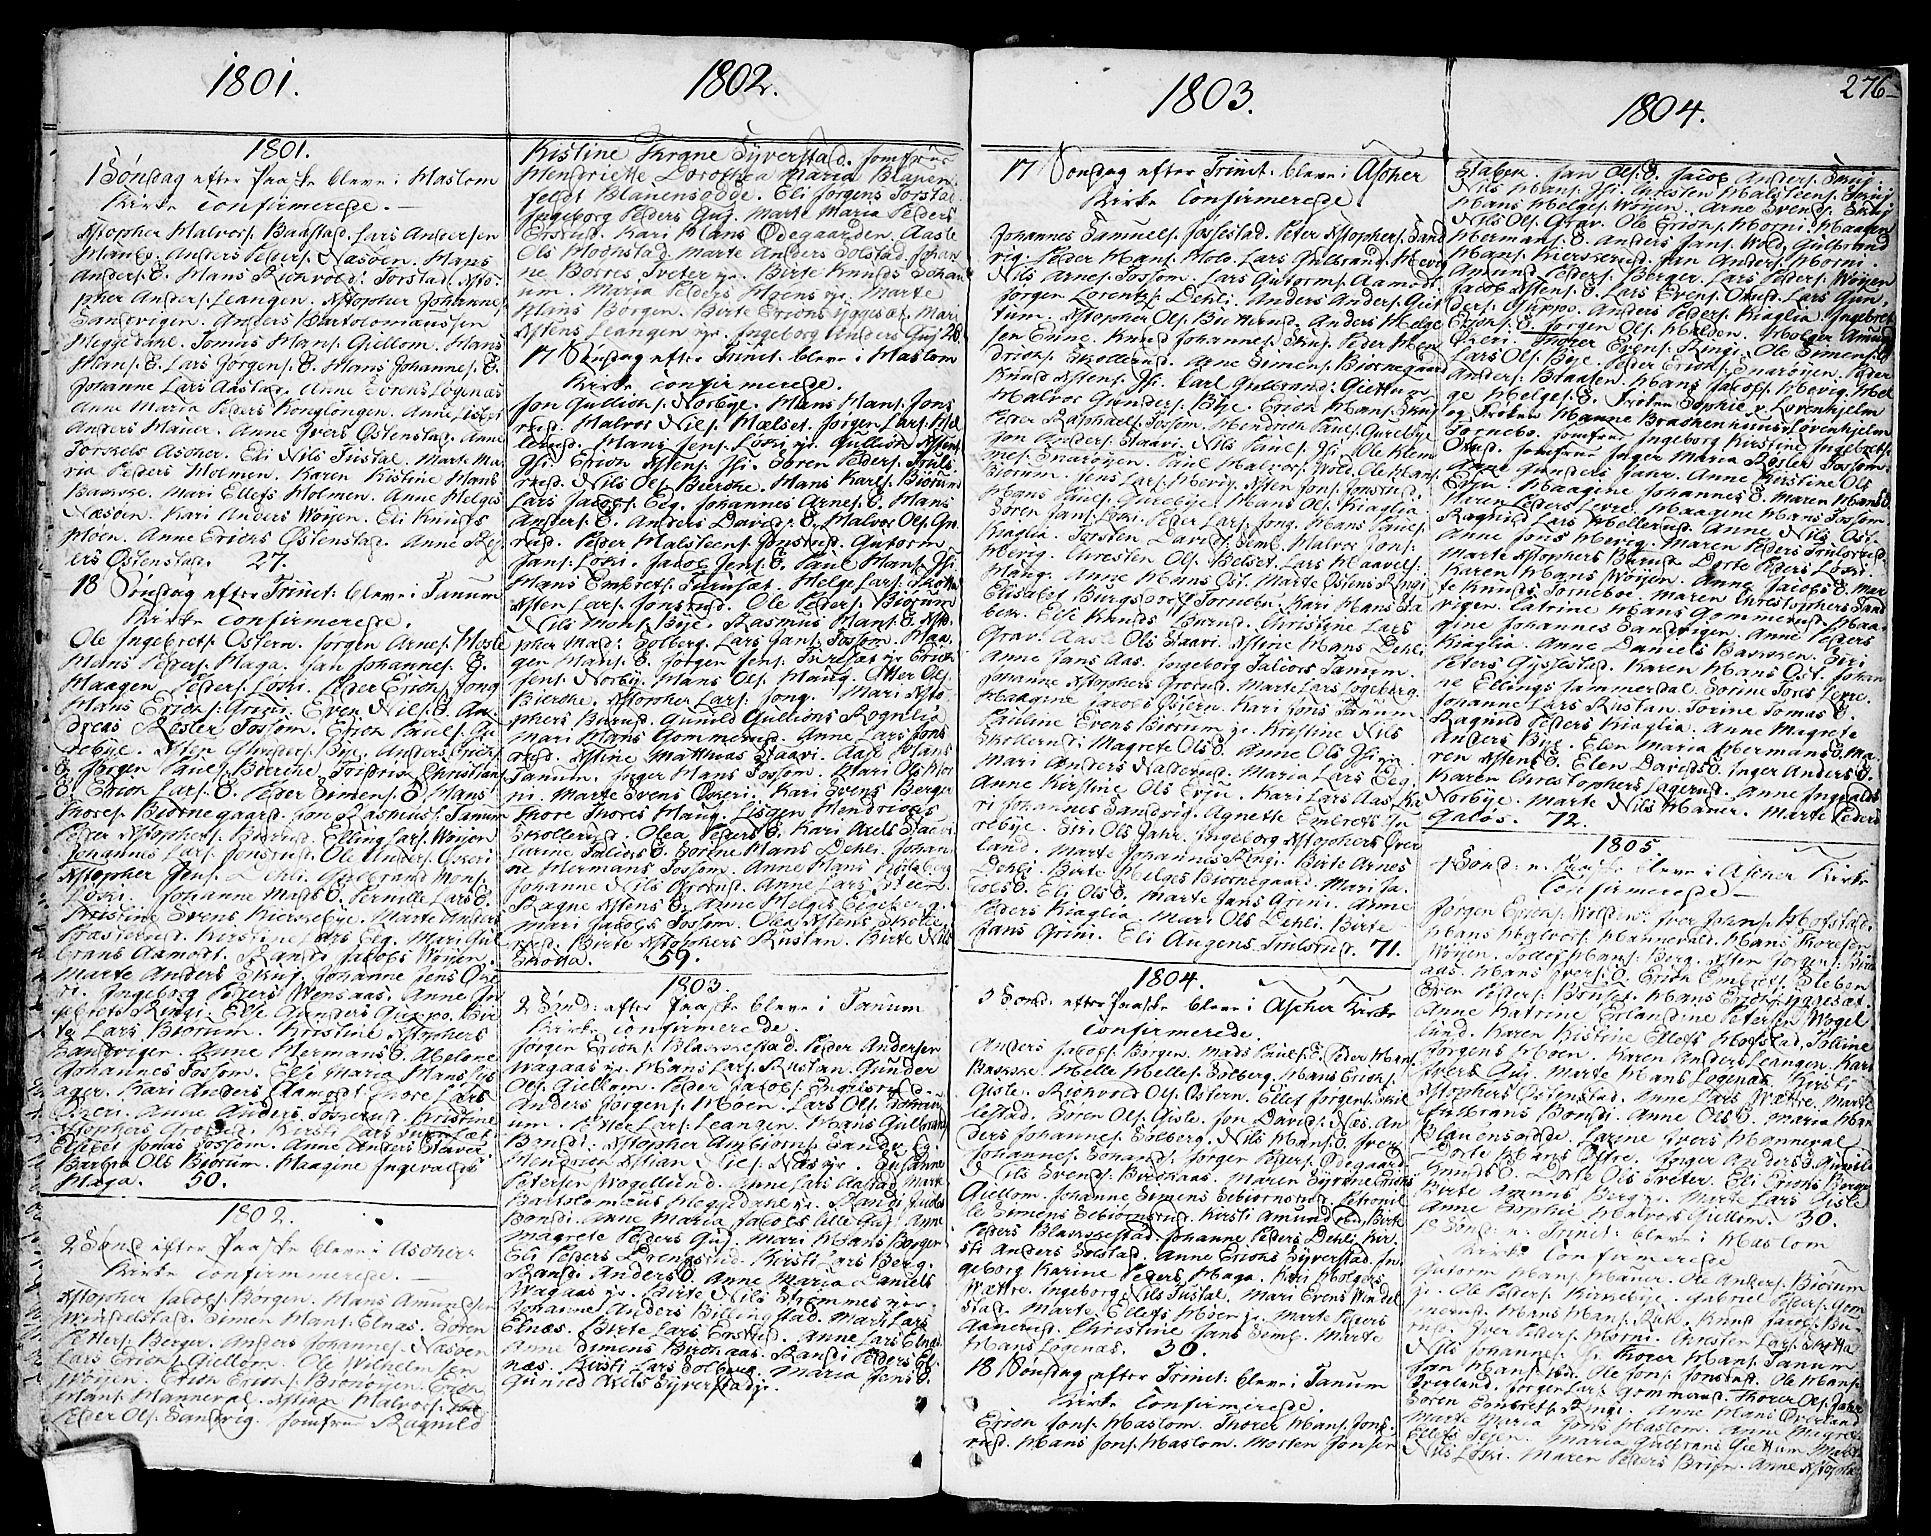 SAO, Asker prestekontor Kirkebøker, F/Fa/L0003: Ministerialbok nr. I 3, 1767-1807, s. 276